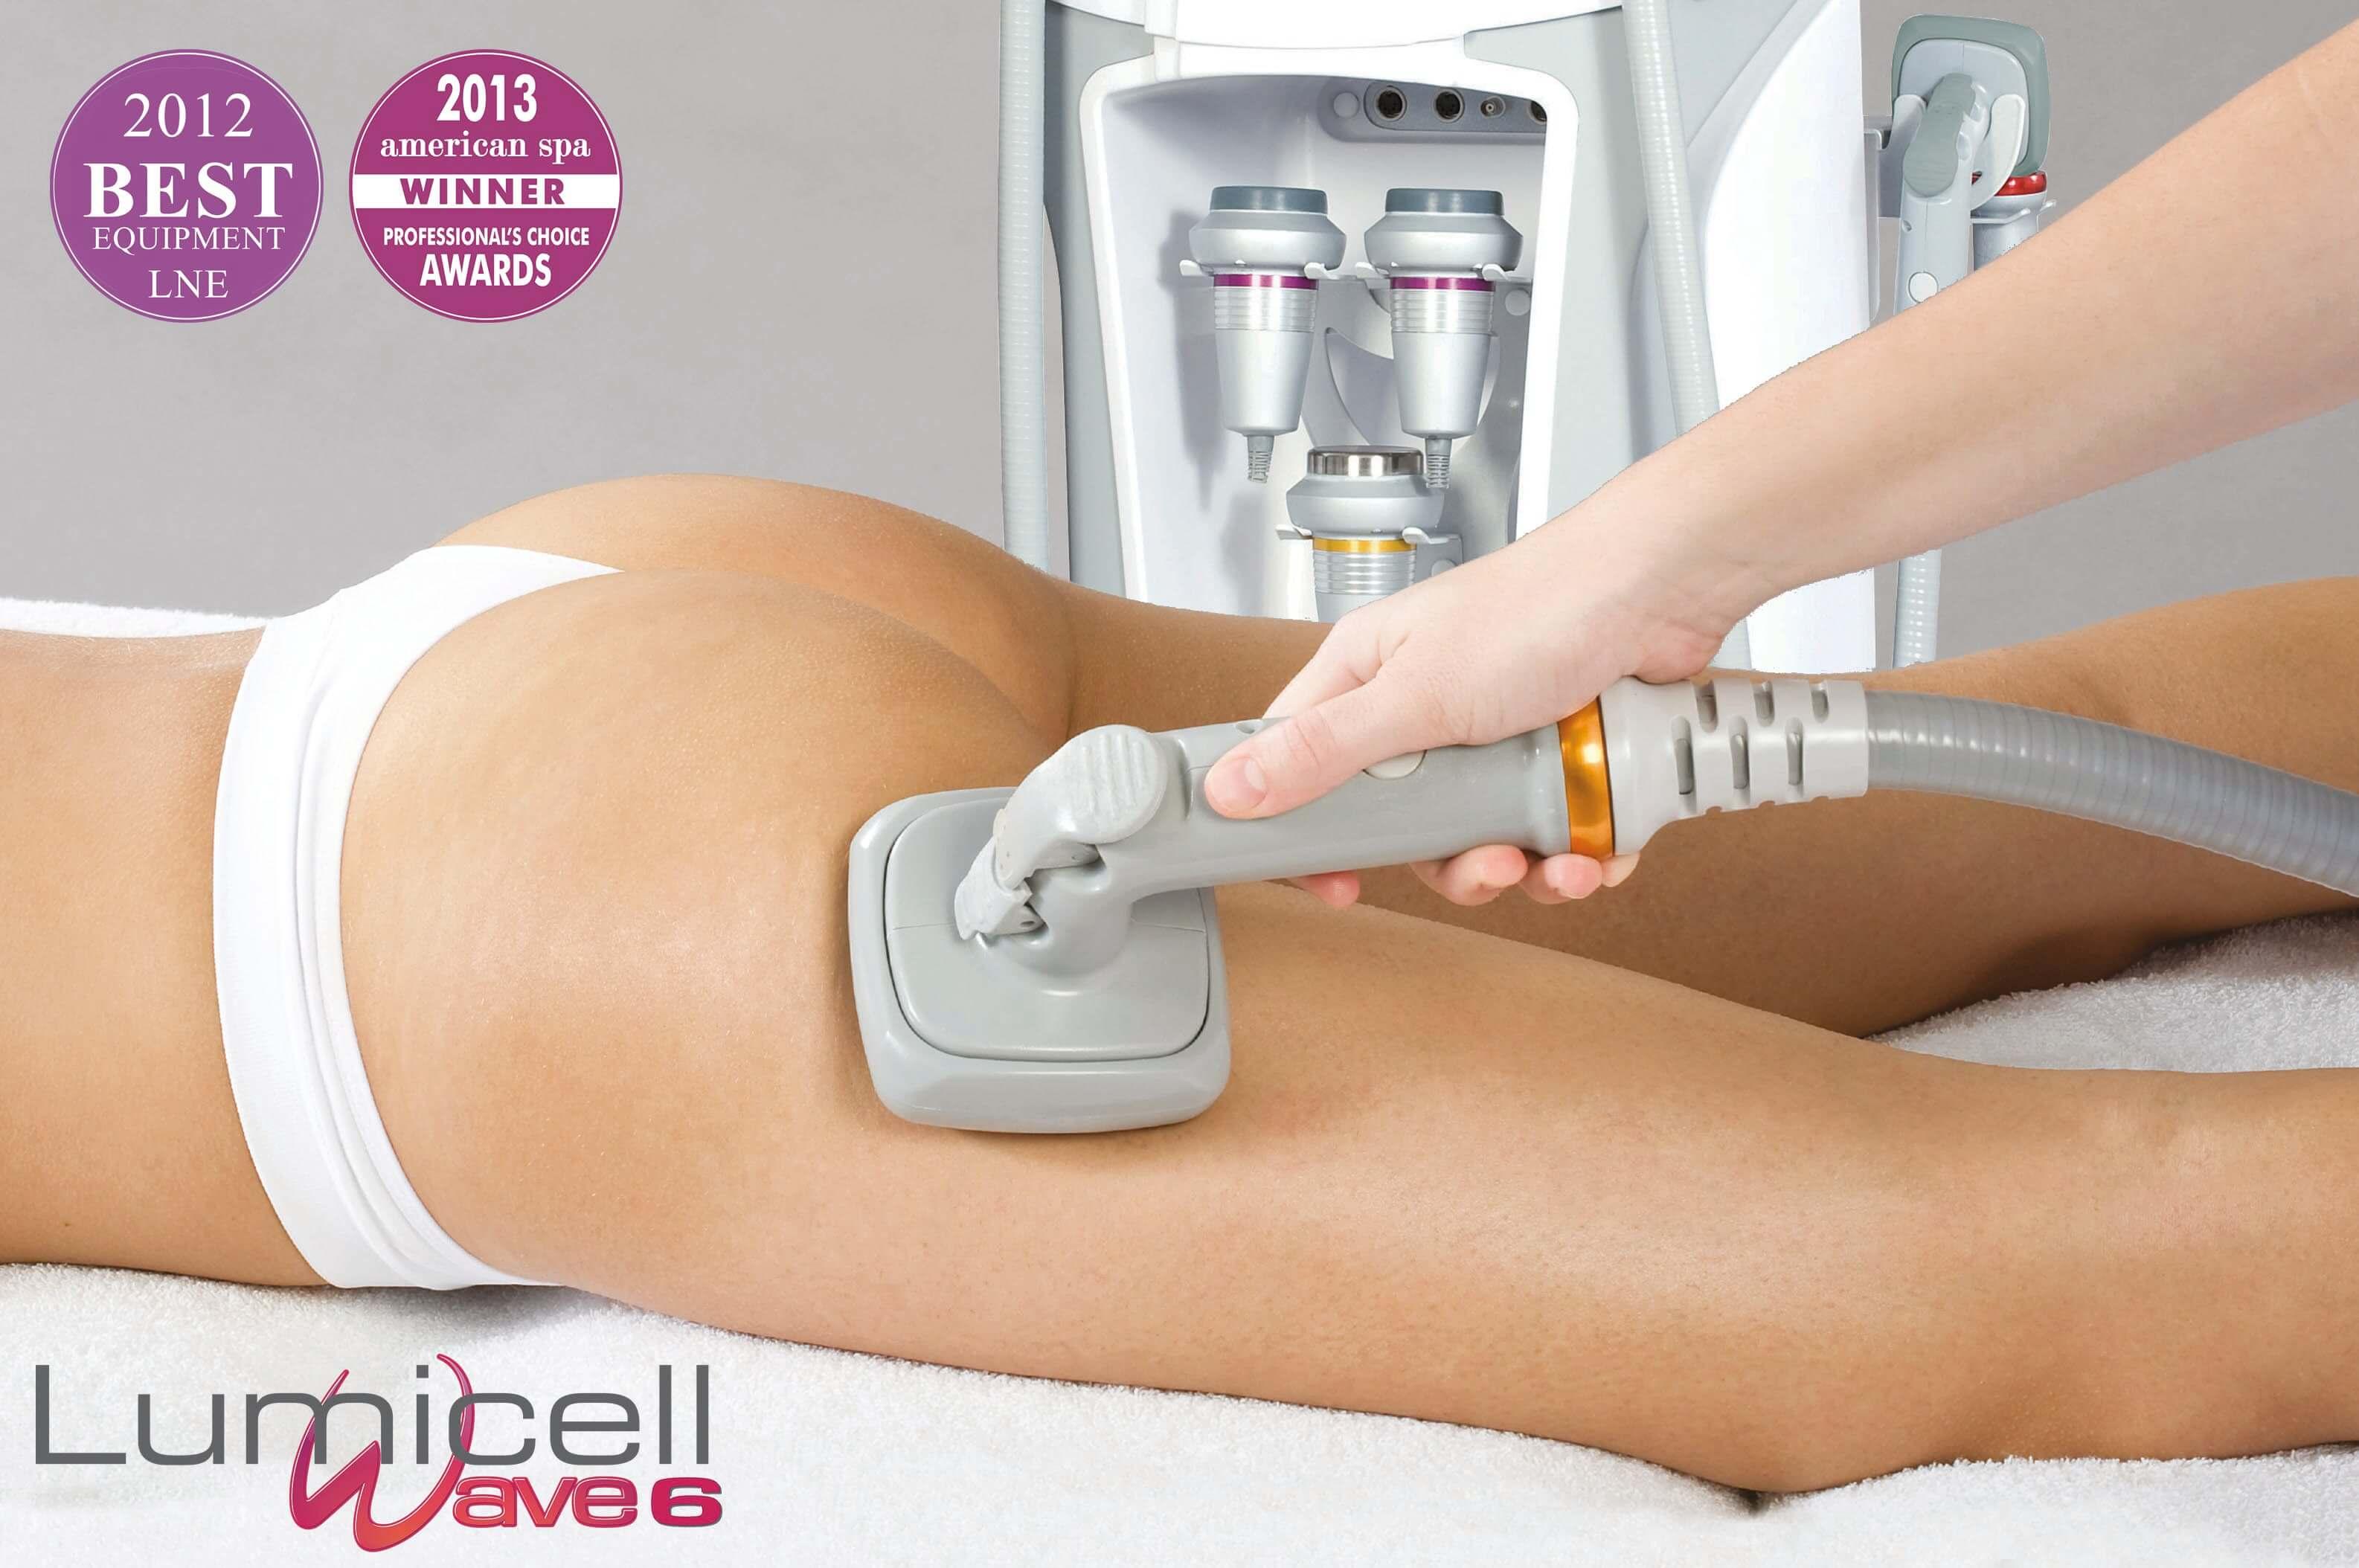 Lumicell Wave 6 – naujausios technologijos celiulito mažinimui ir kūno modeliavimui klinikoje SUGIHARA